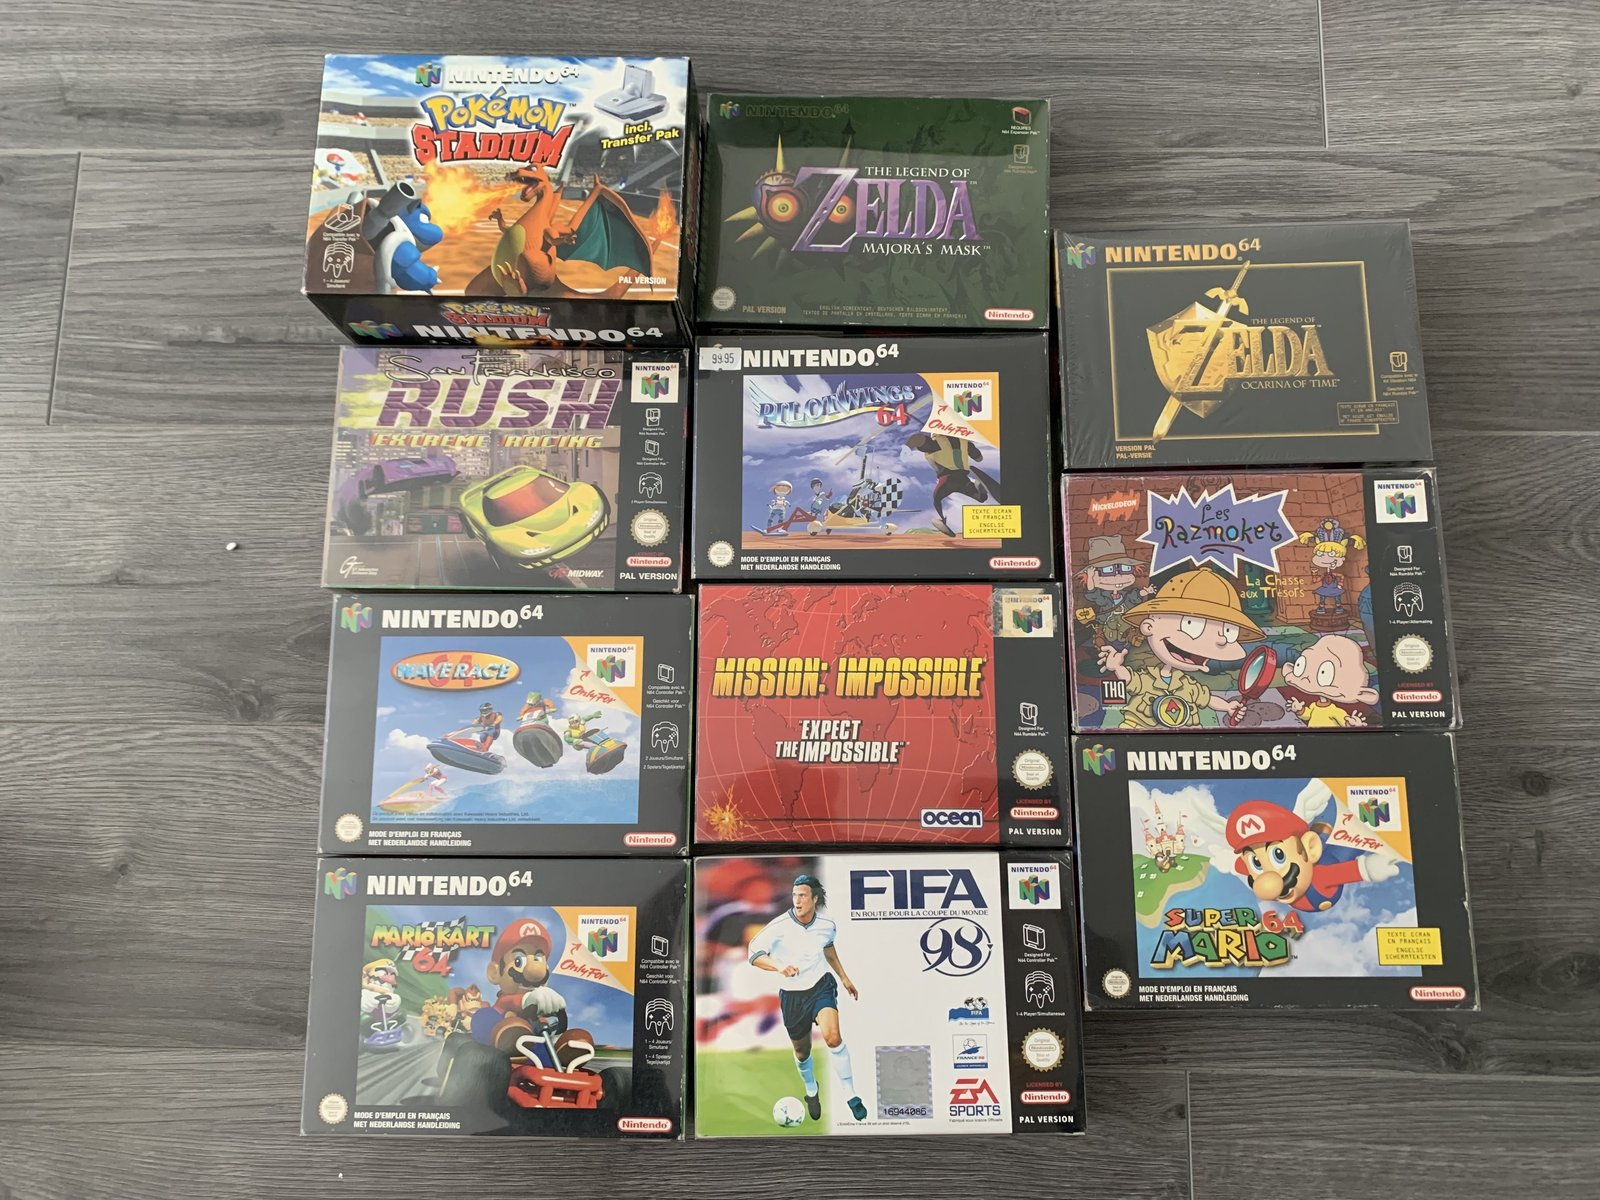 [VENDUE] Ma Collection complète de jeux N64 en boite complète  200809052922775185